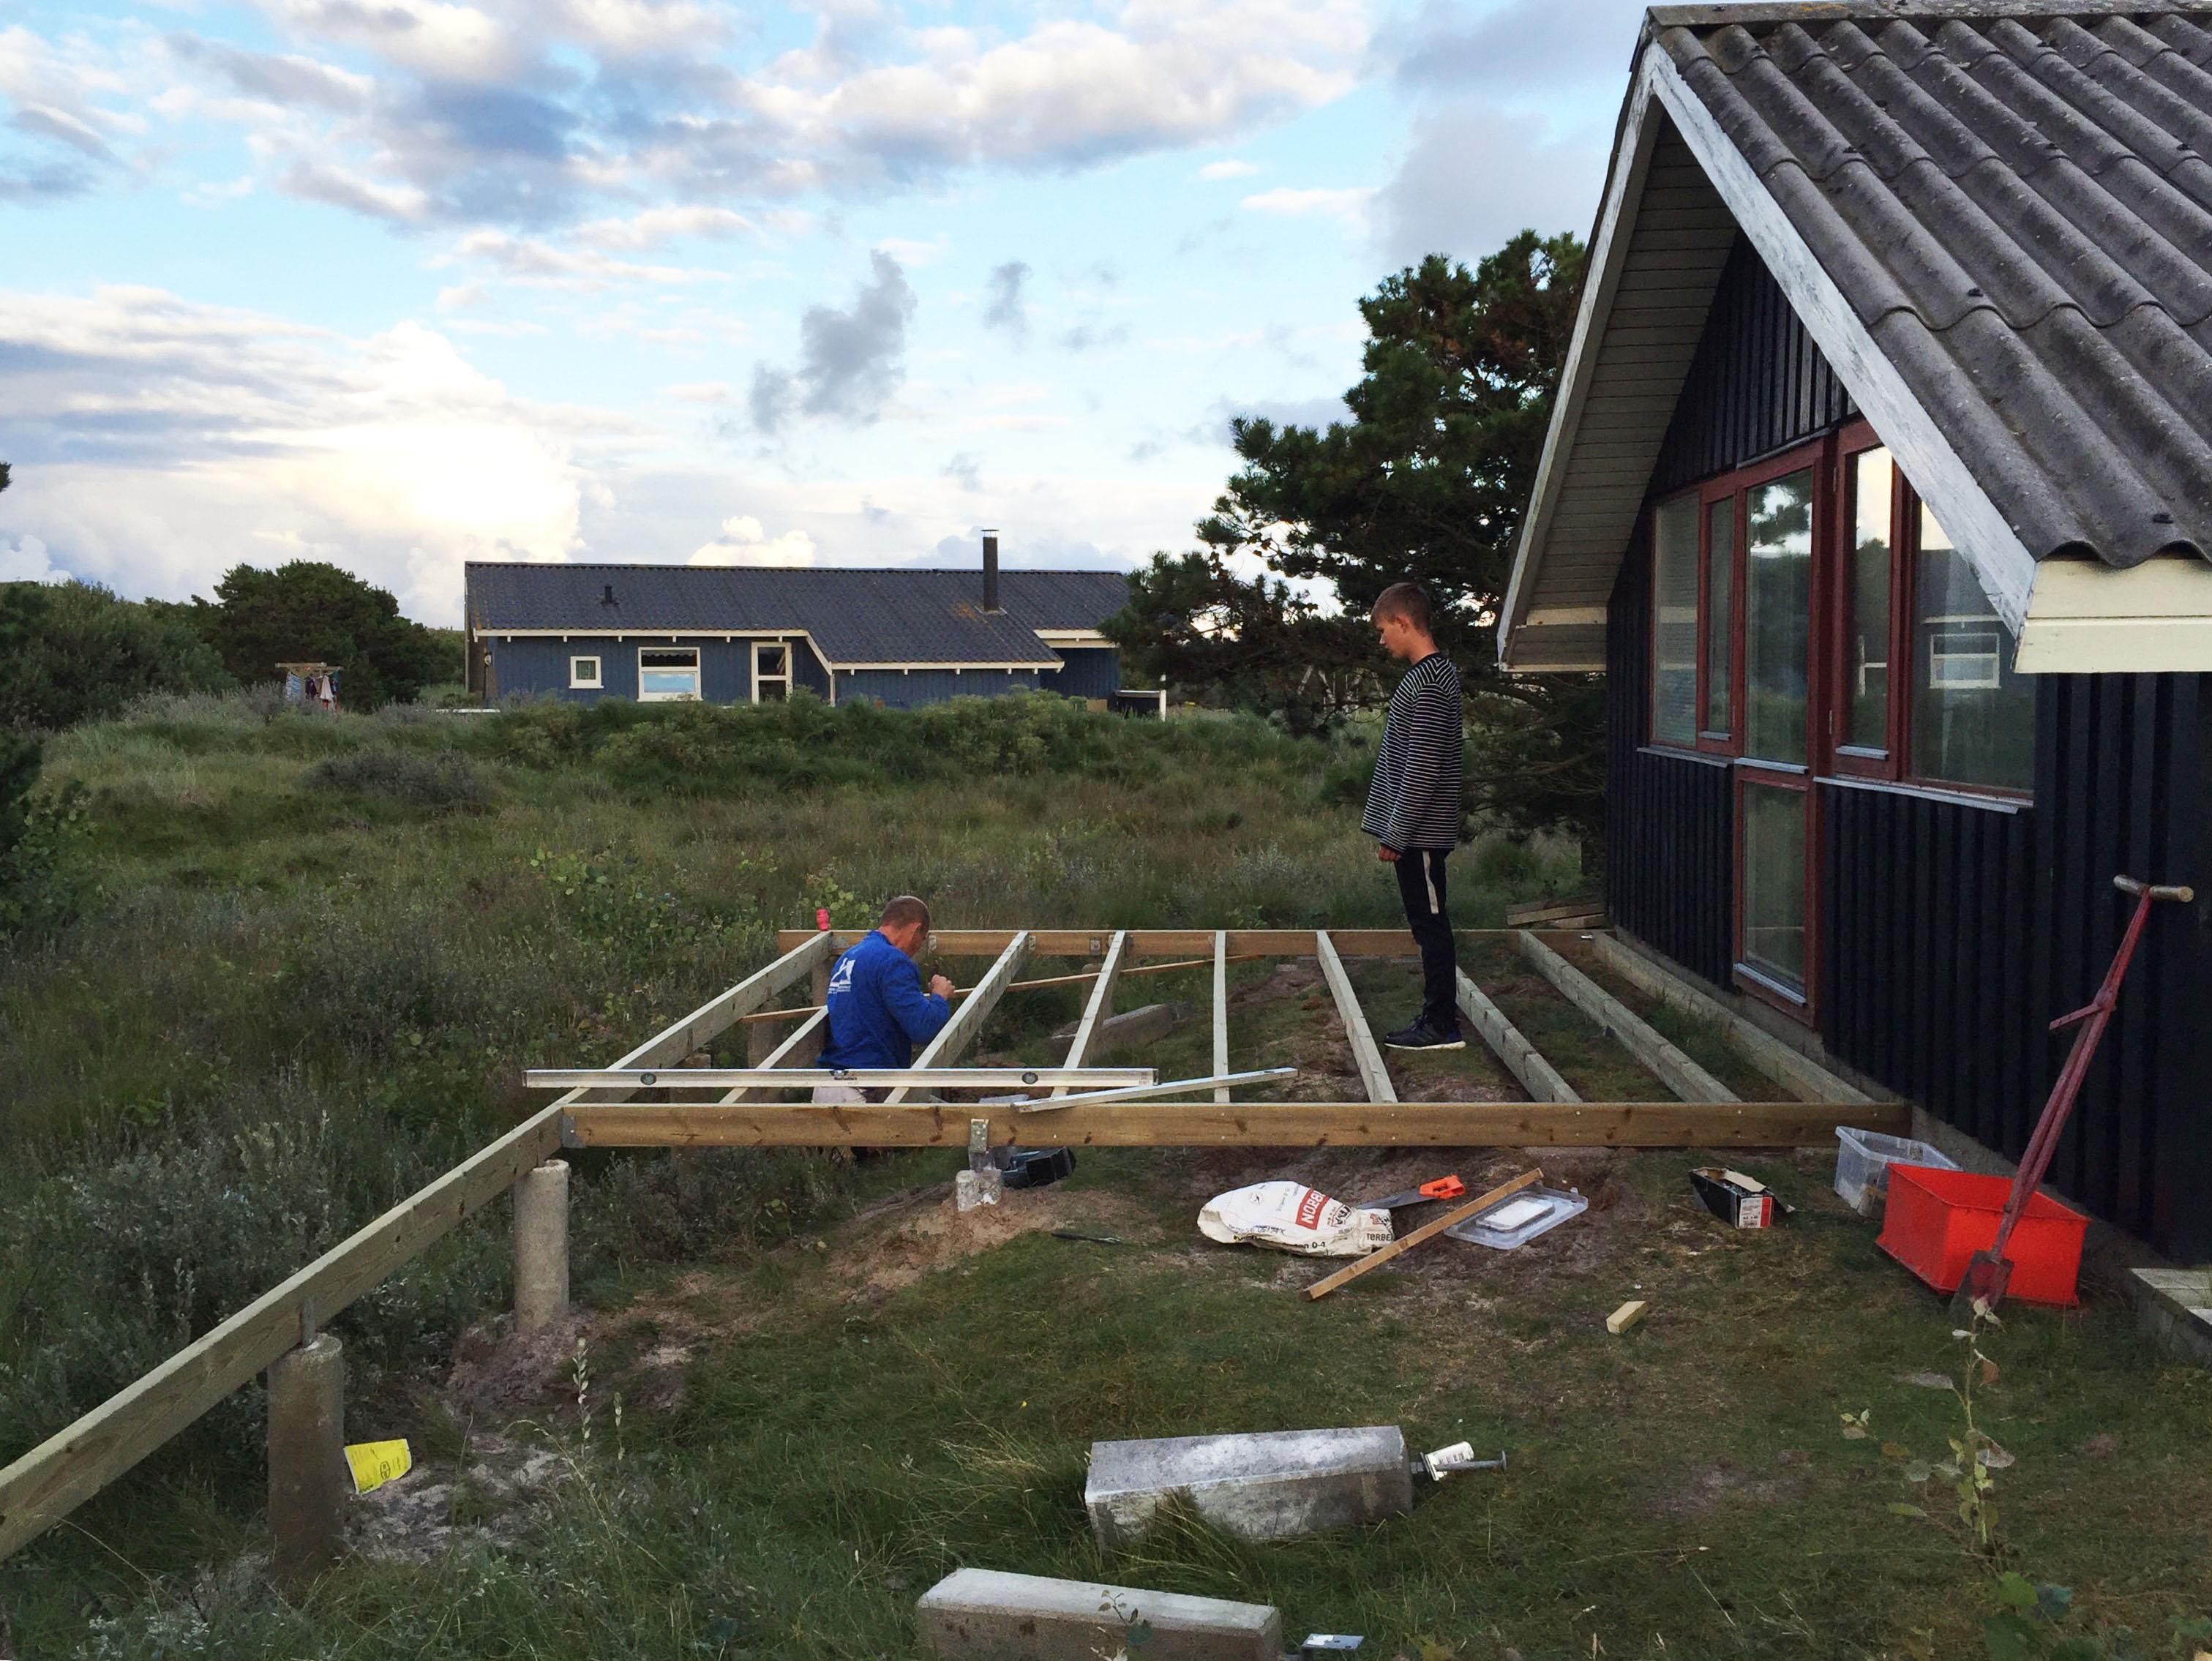 Ny terrasse sommerhus opstart - www.vangelyst.dk